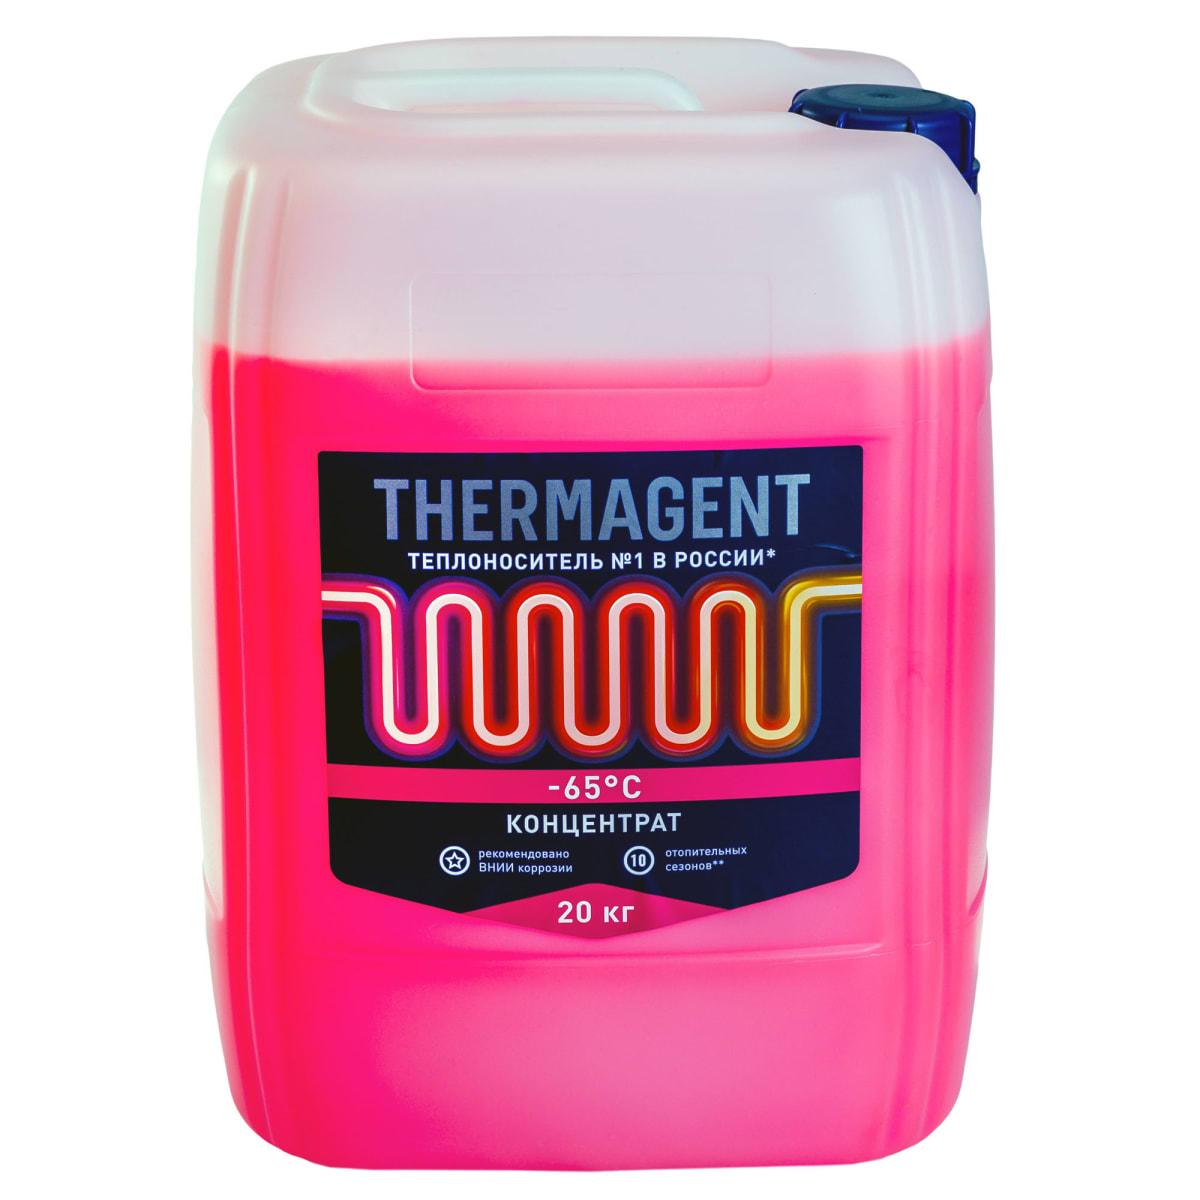 Теплоноситель Thermagent, 20 кг